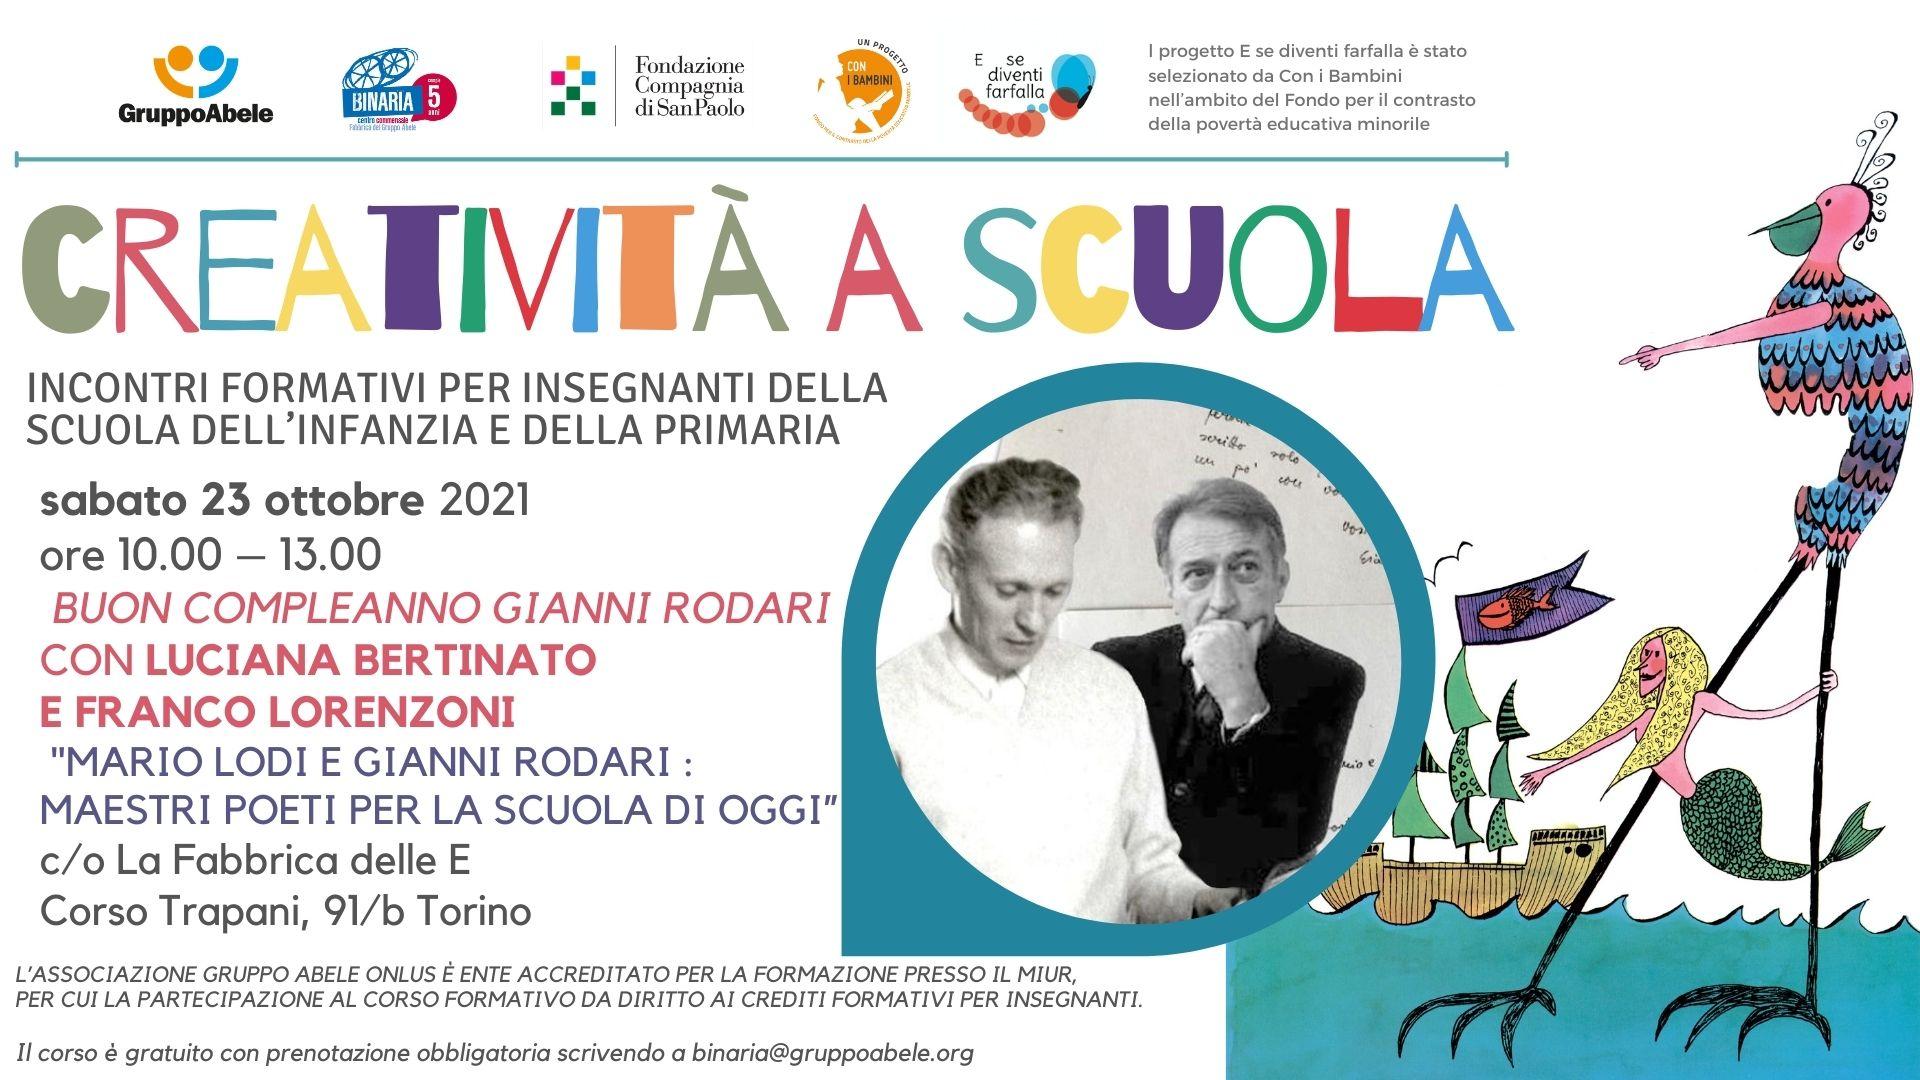 Bertinato e Lorenzoni per Gianni Rodari!